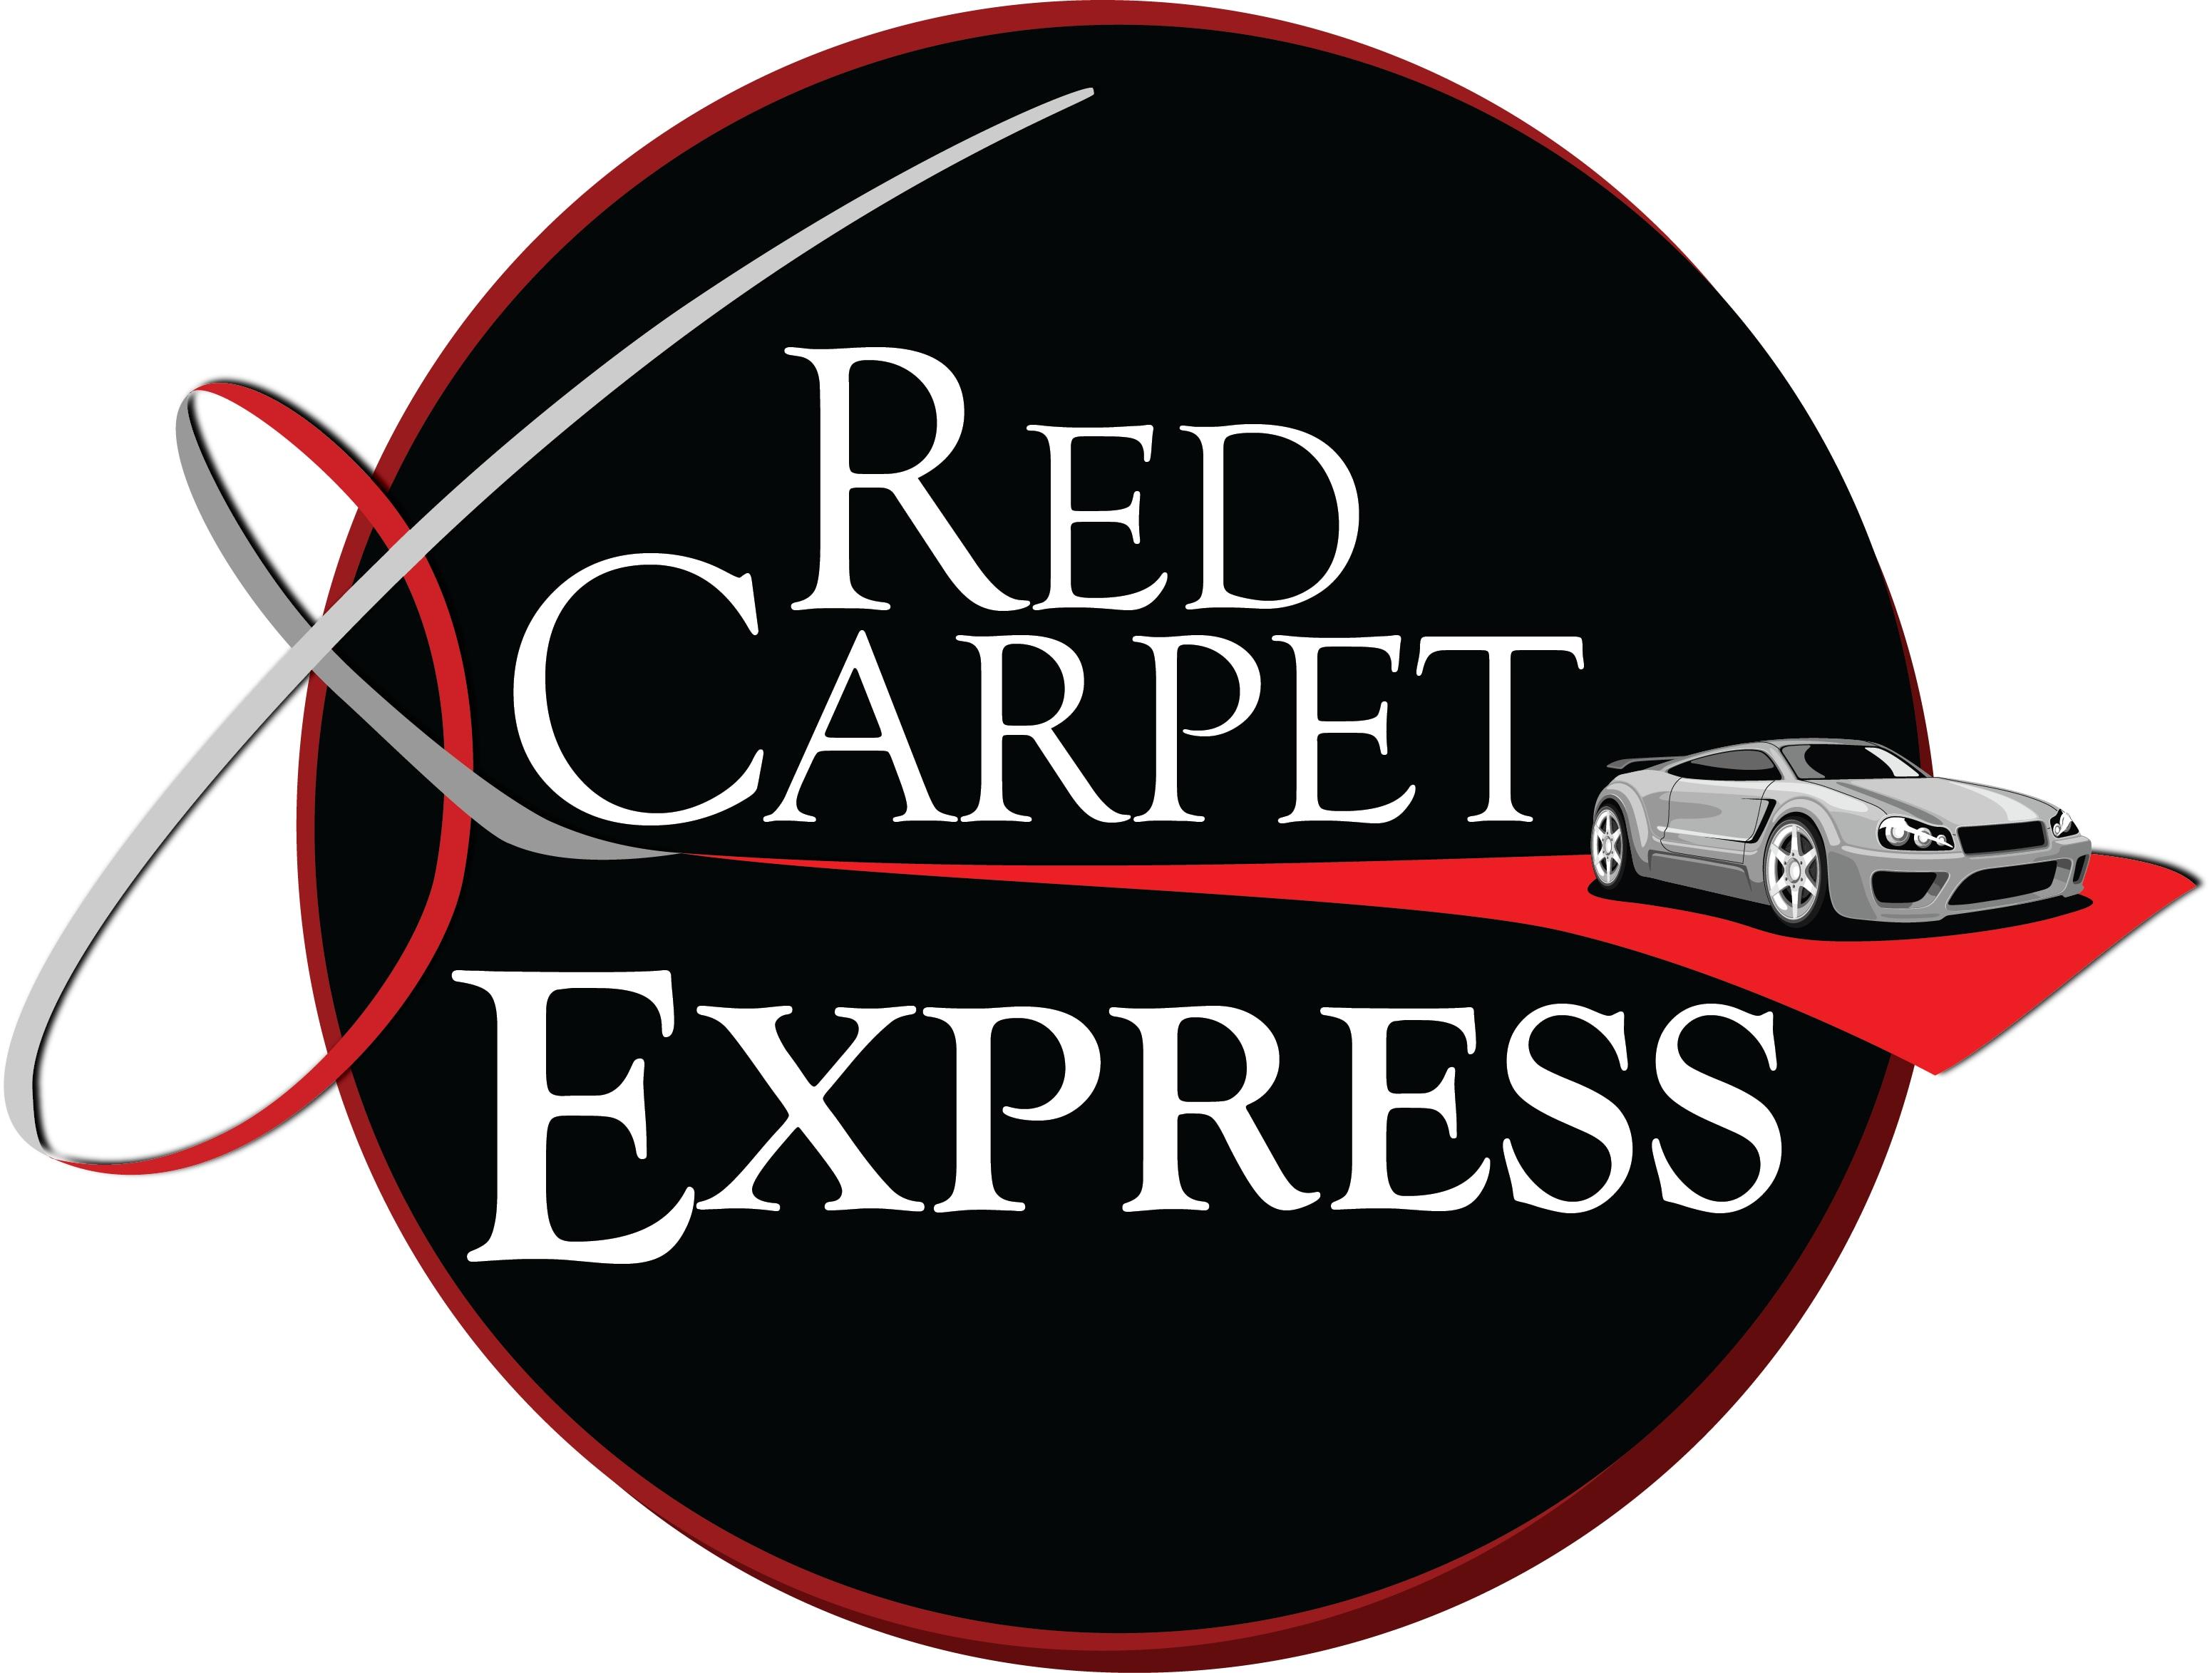 Red Carpet Express